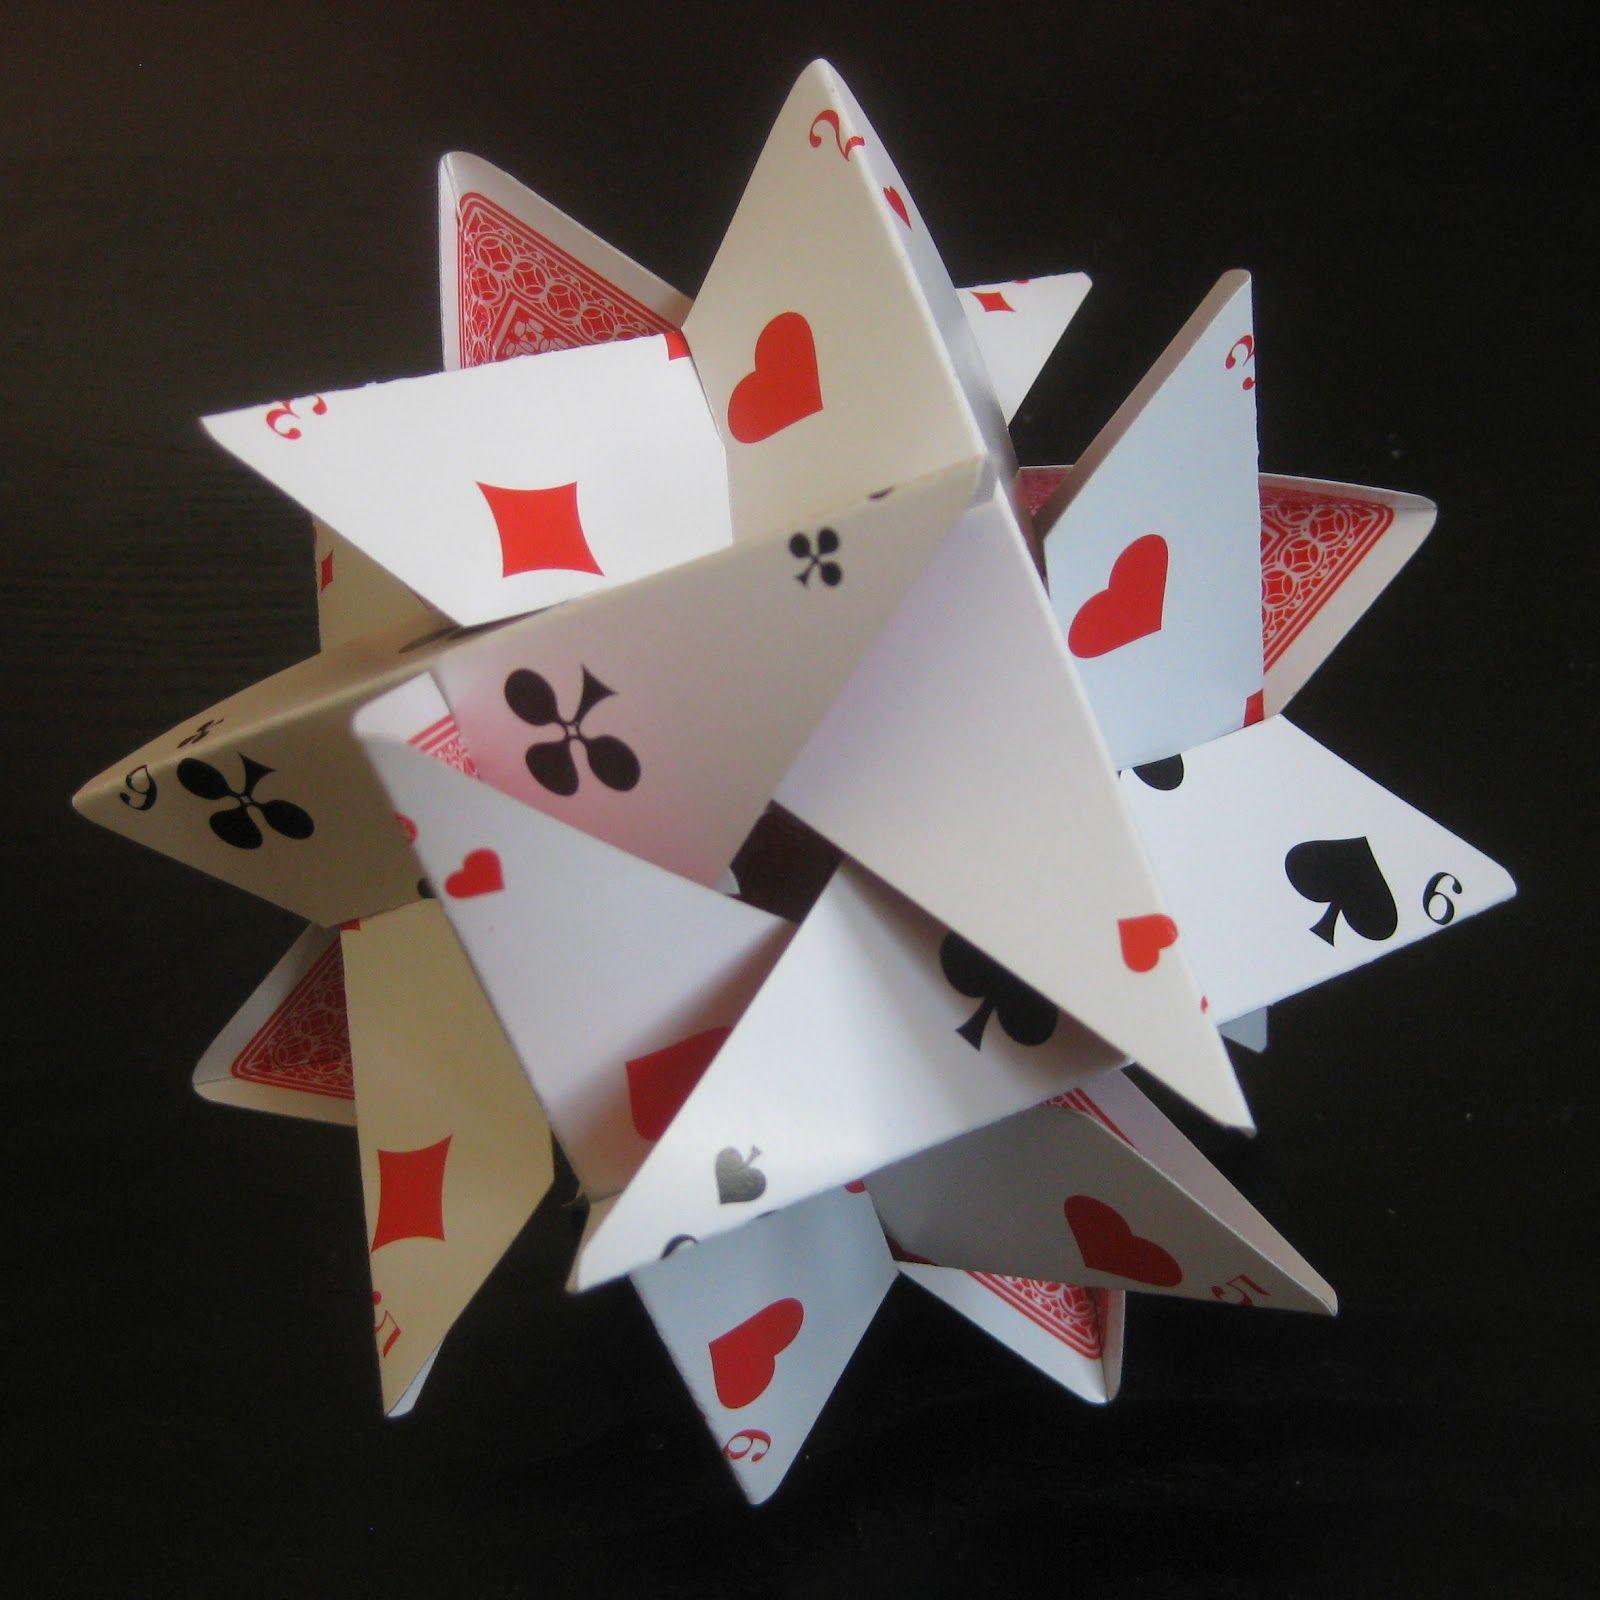 deutsches online casino test casino spiele origami